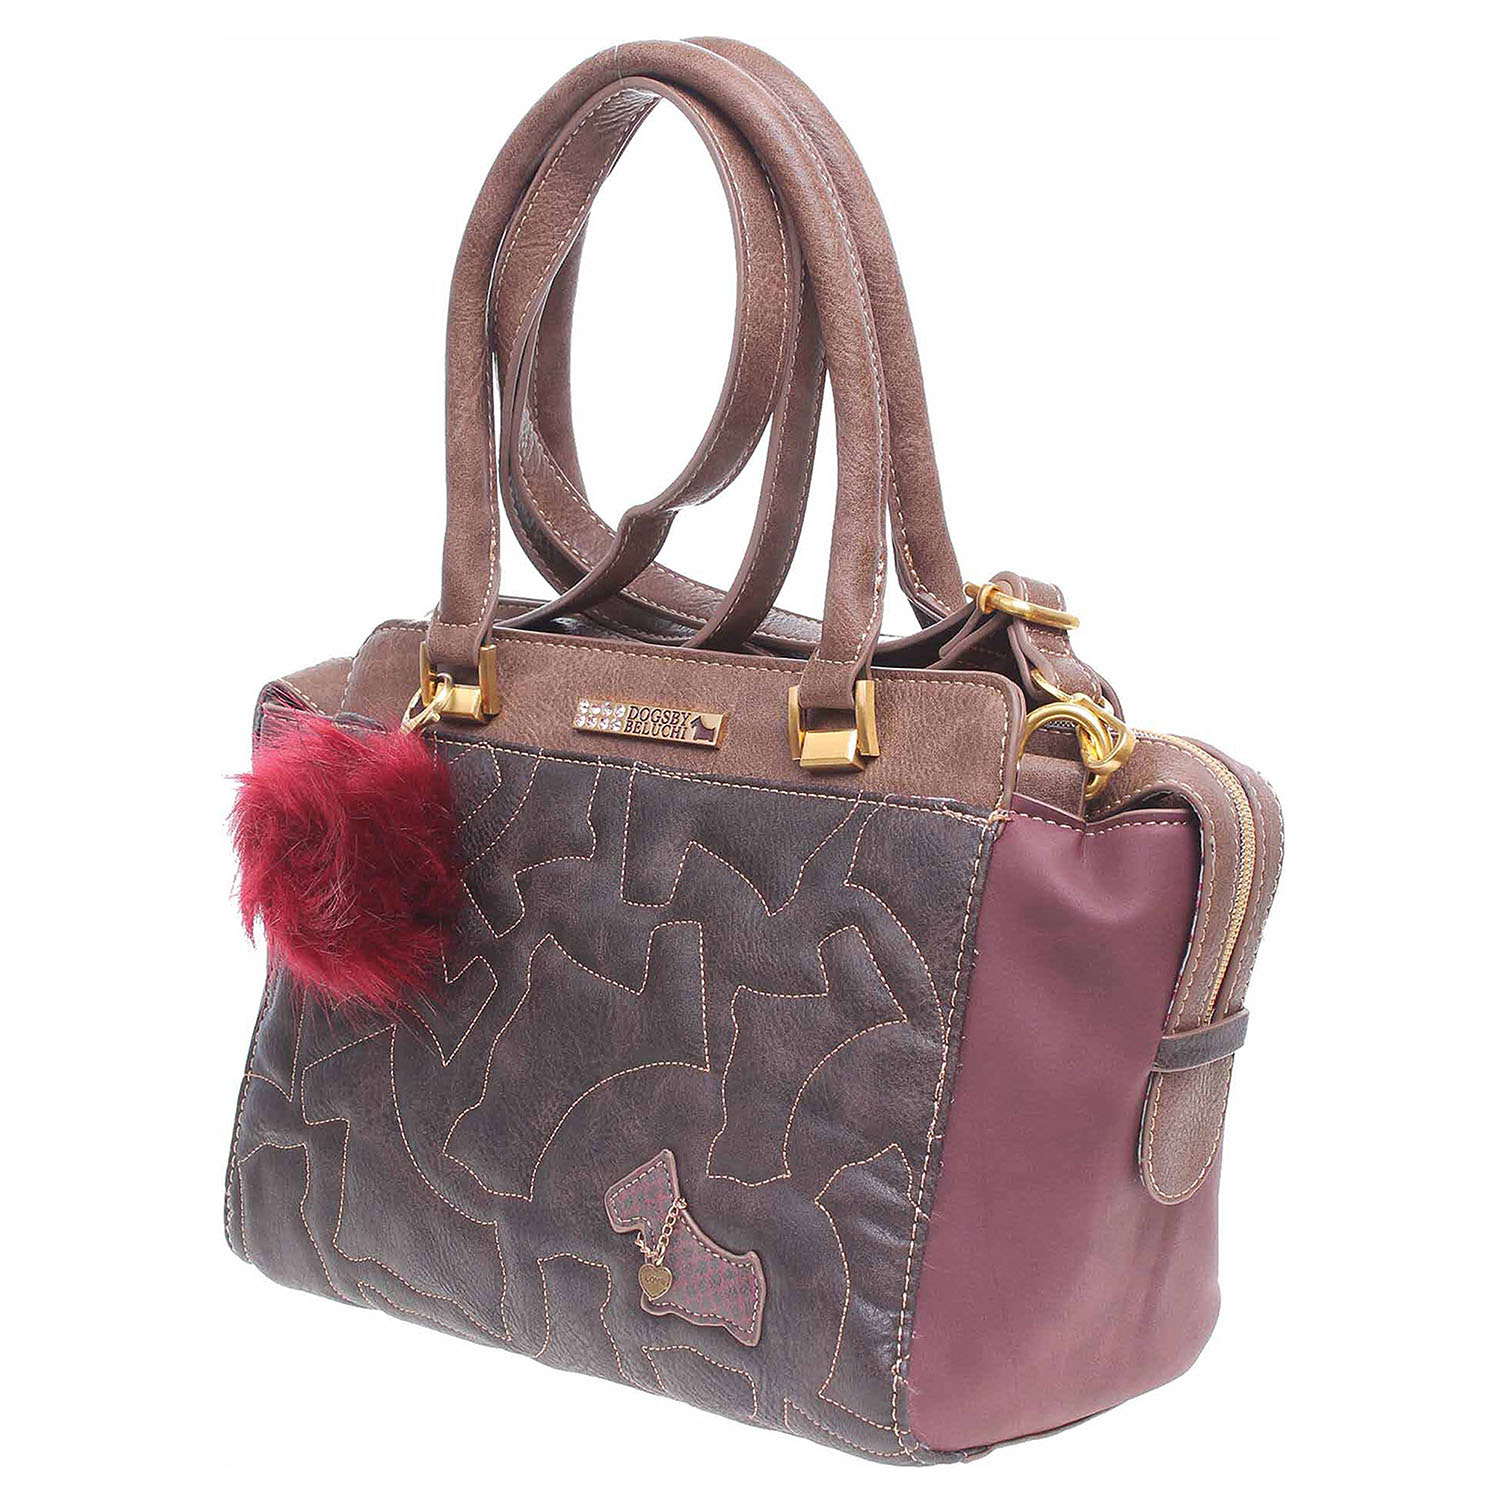 Ecco Dogsbybeluchi dámská kabelka 25411-1 marron 11891294